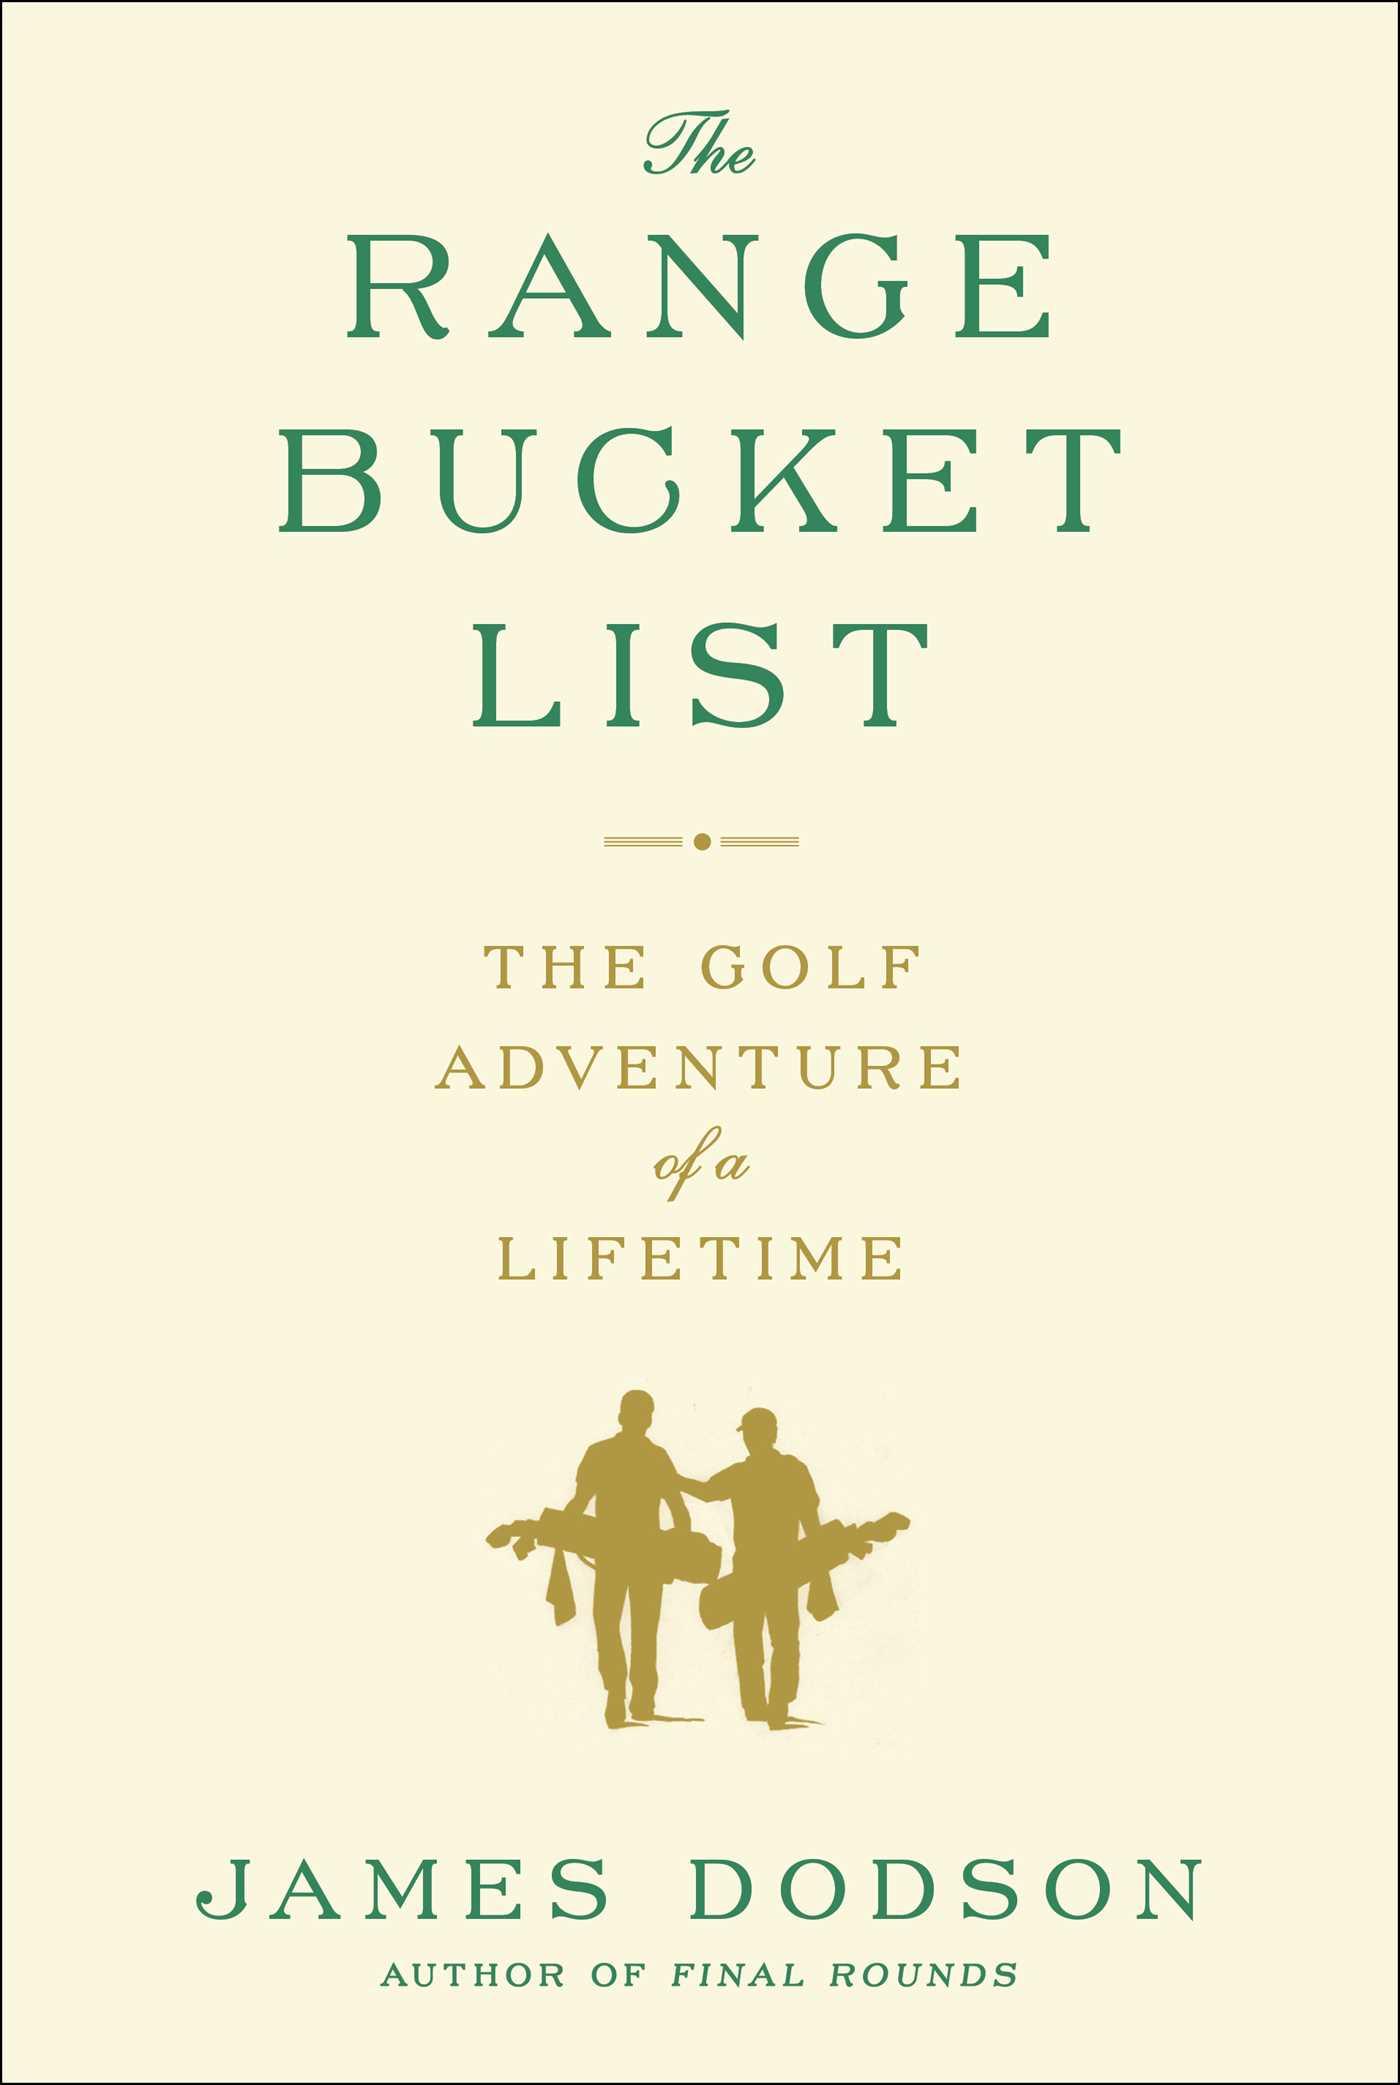 The range bucket list 9781476746715 hr